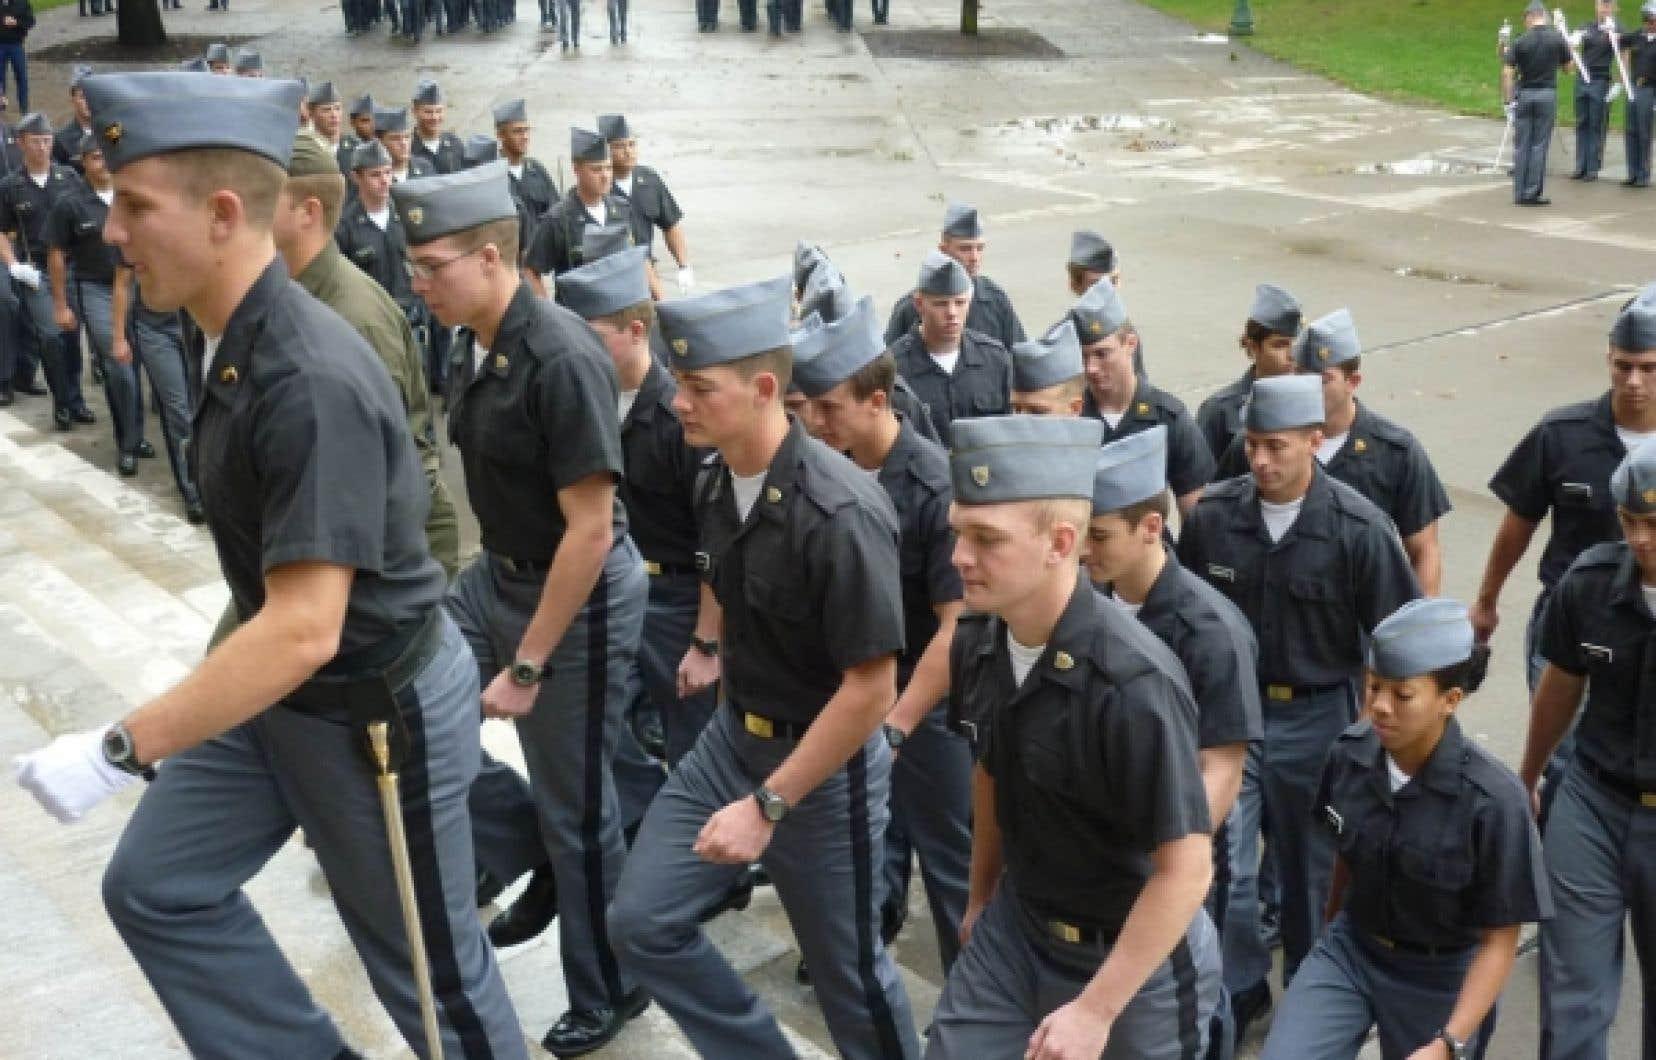 Les homosexuels de l'armée américaine ne seront plus soumis à la loi du silence. Ci-dessus, des cadets étudiant cette année à West Point.<br />